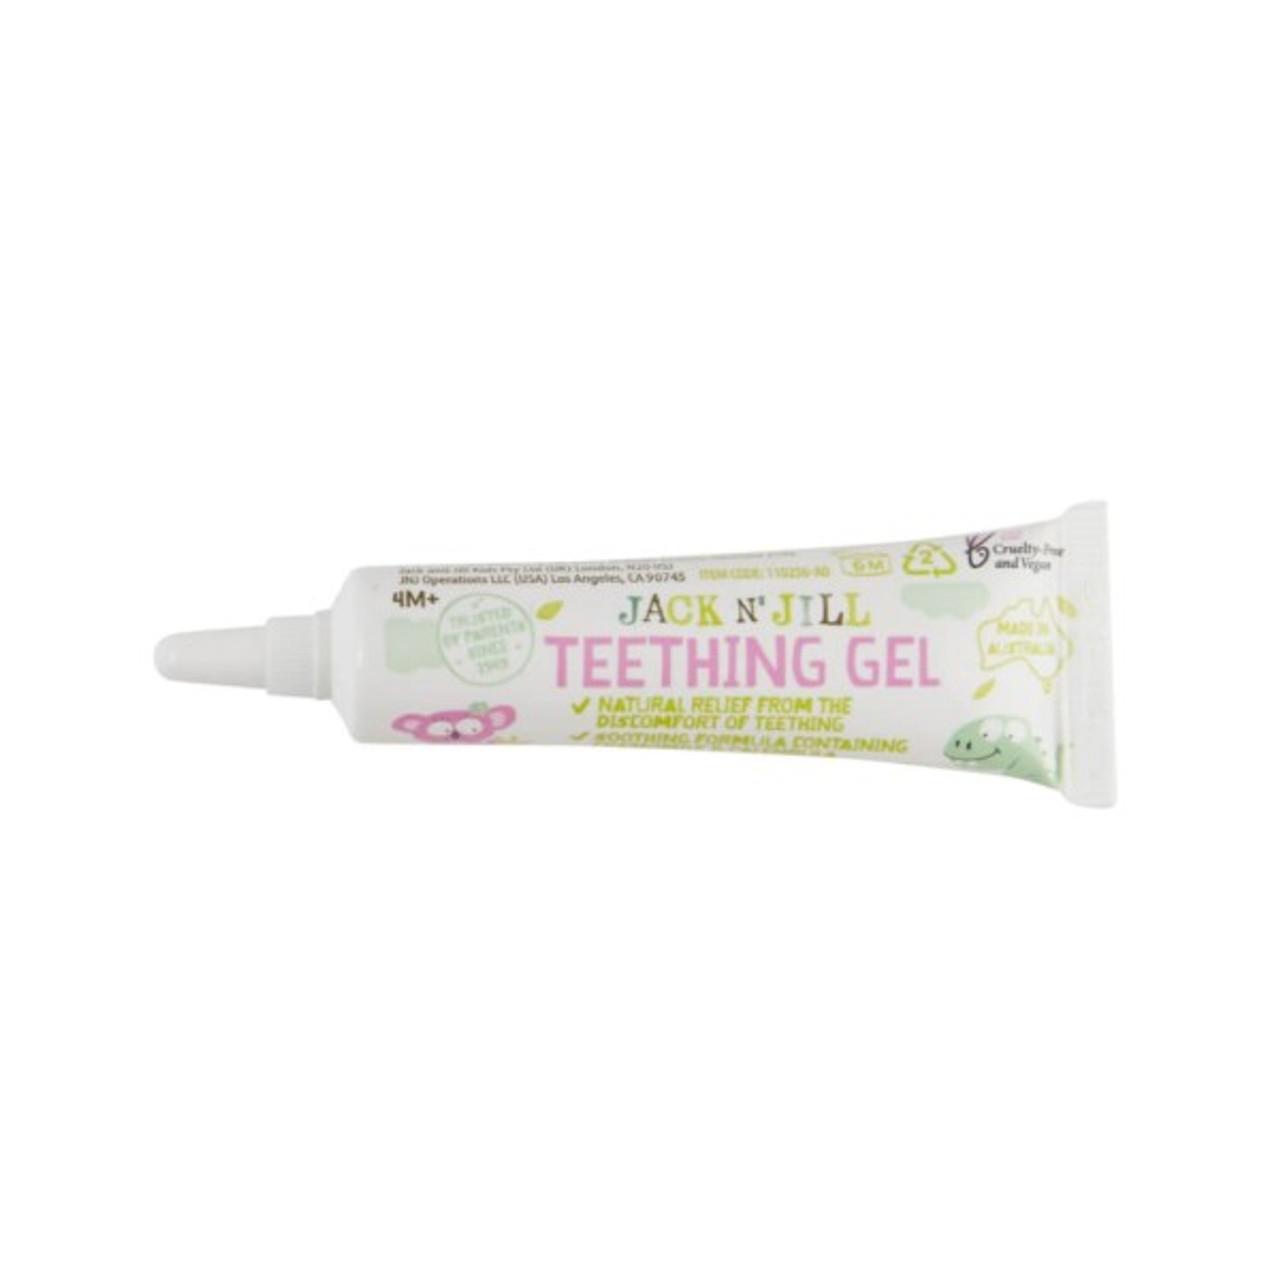 Jack N' Jill Natural Teething Gel